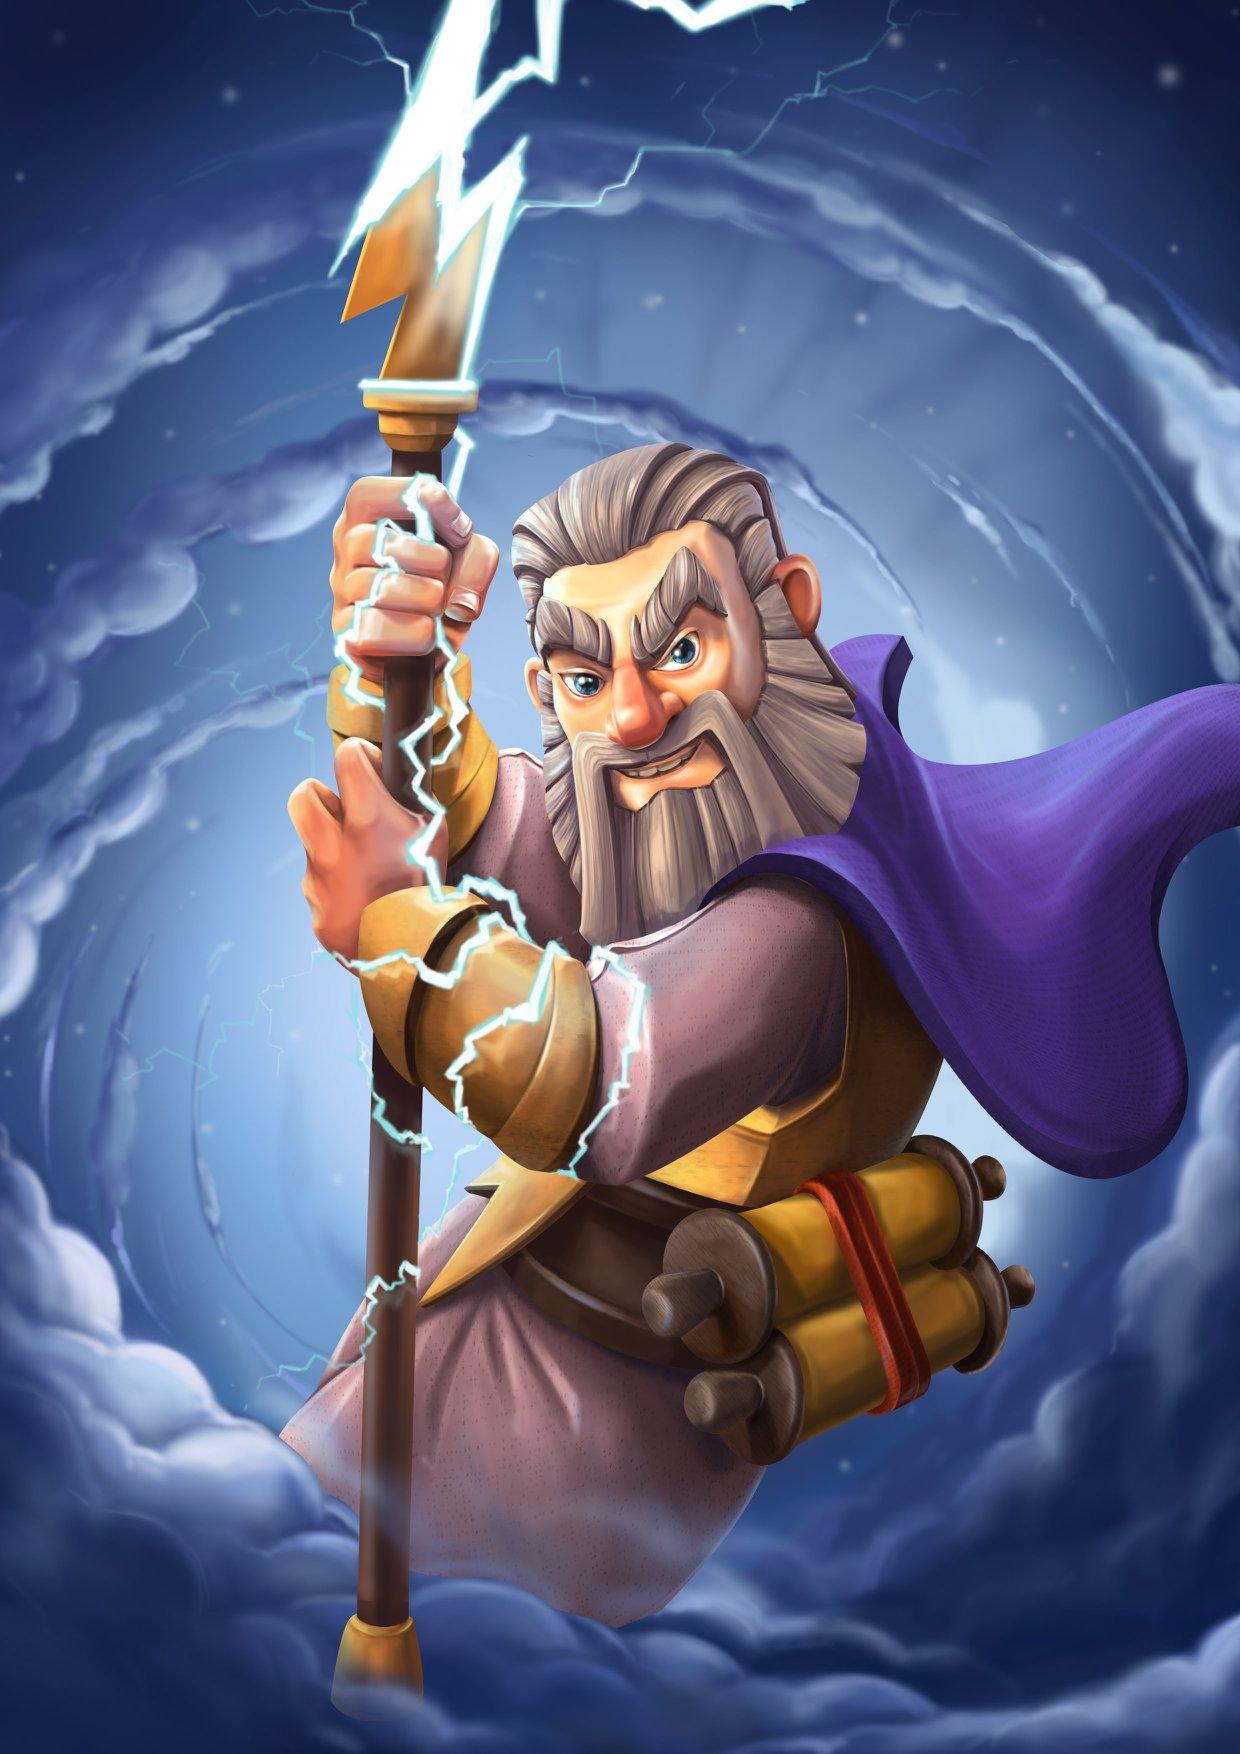 Hình ảnh nhân vật Clash of clans